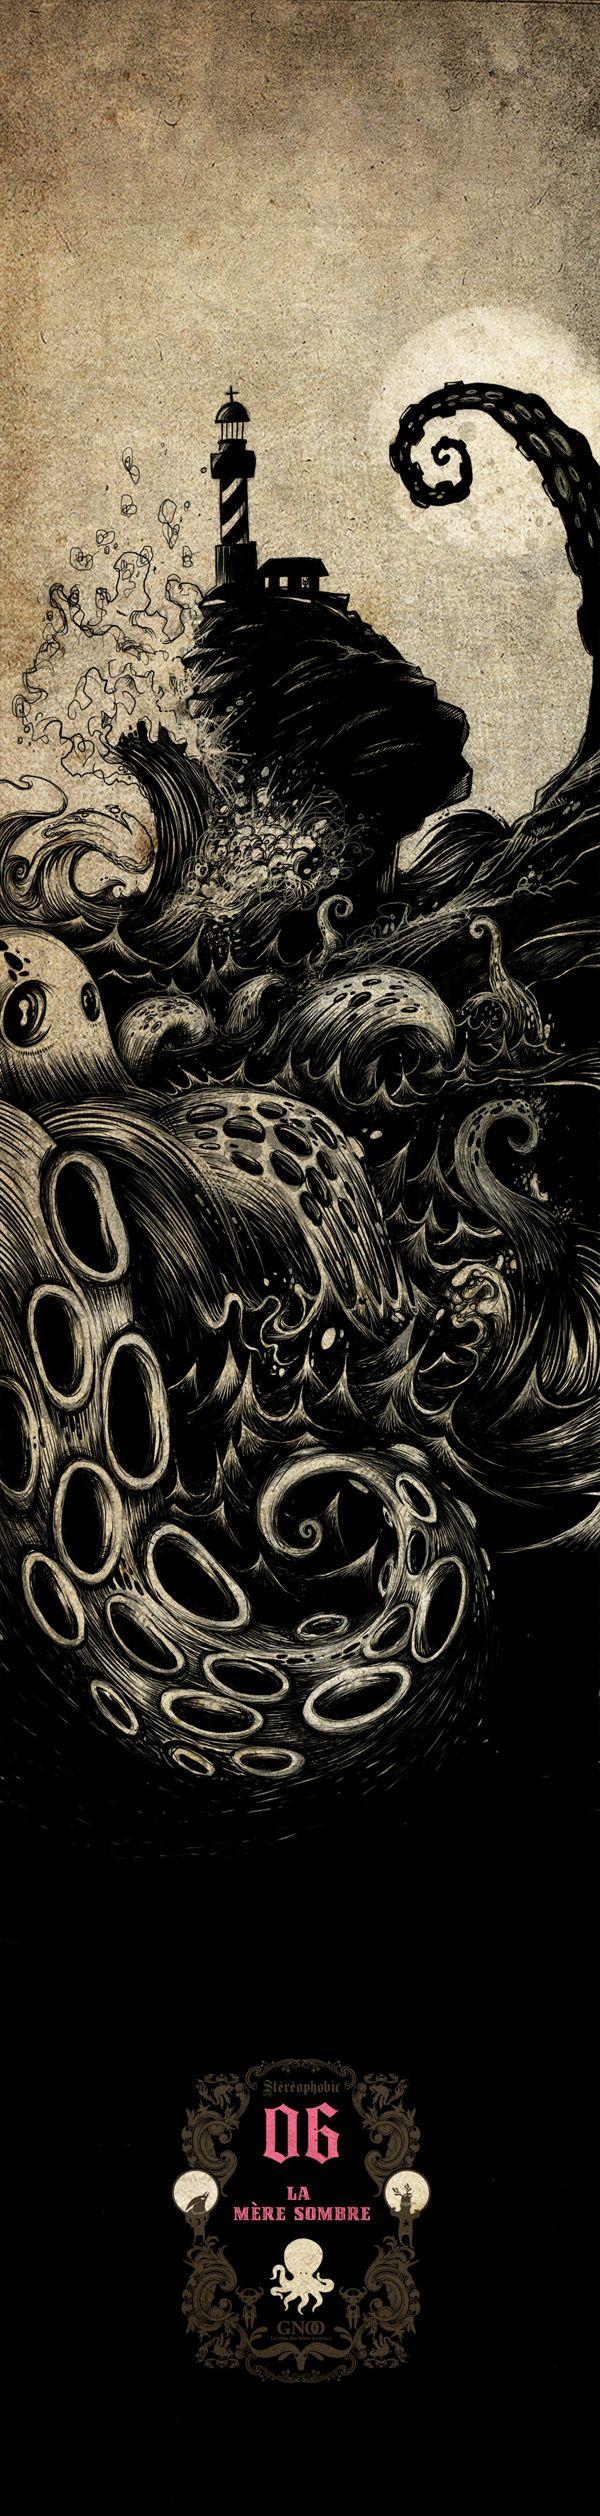 Octostorm